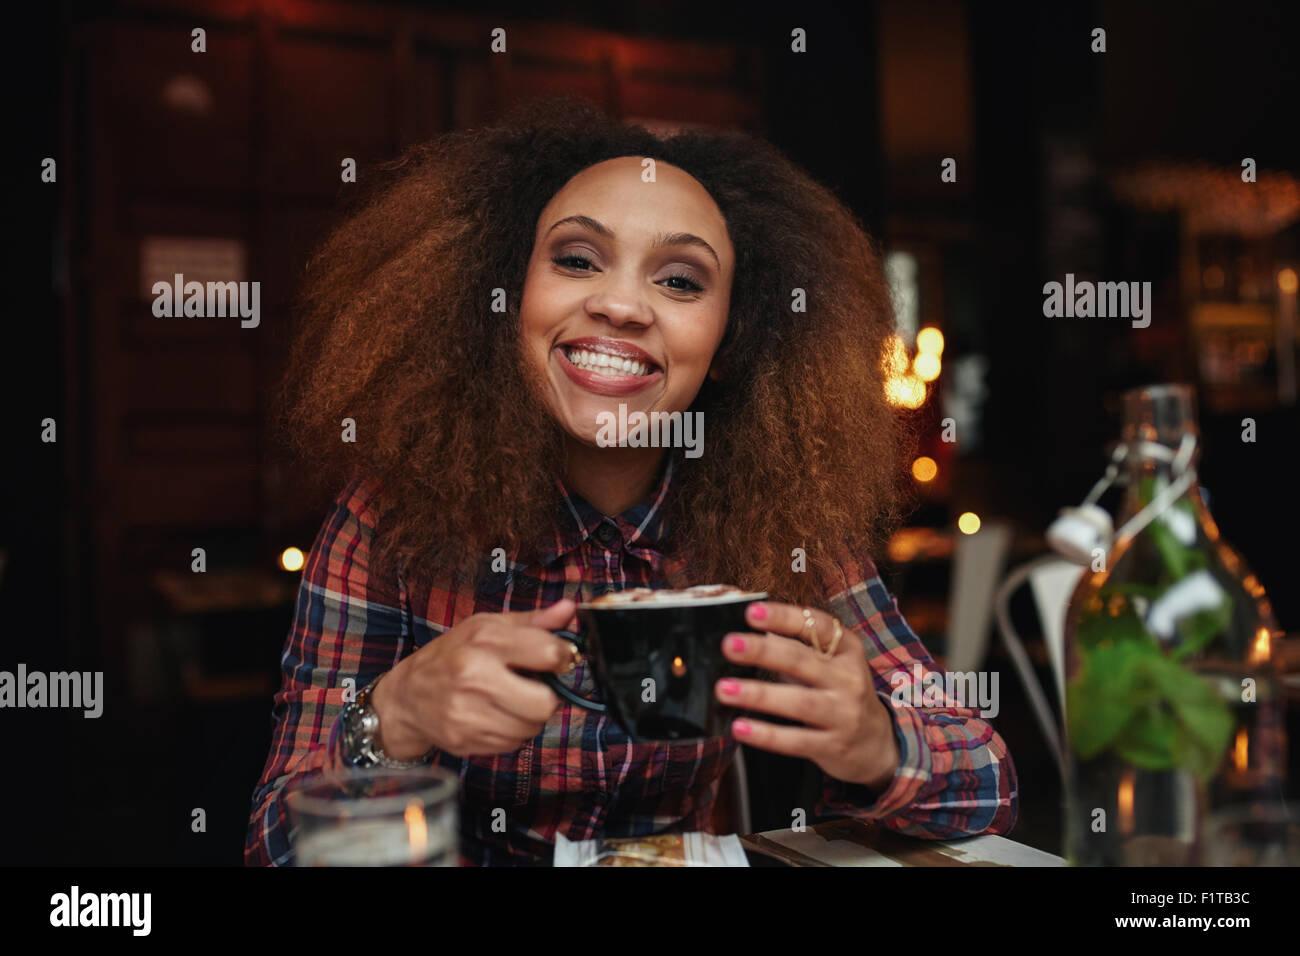 Retrato de mujer joven bebiendo café. Mujer Africana sentado en el cafe sosteniendo una taza de café, mirando a Foto de stock